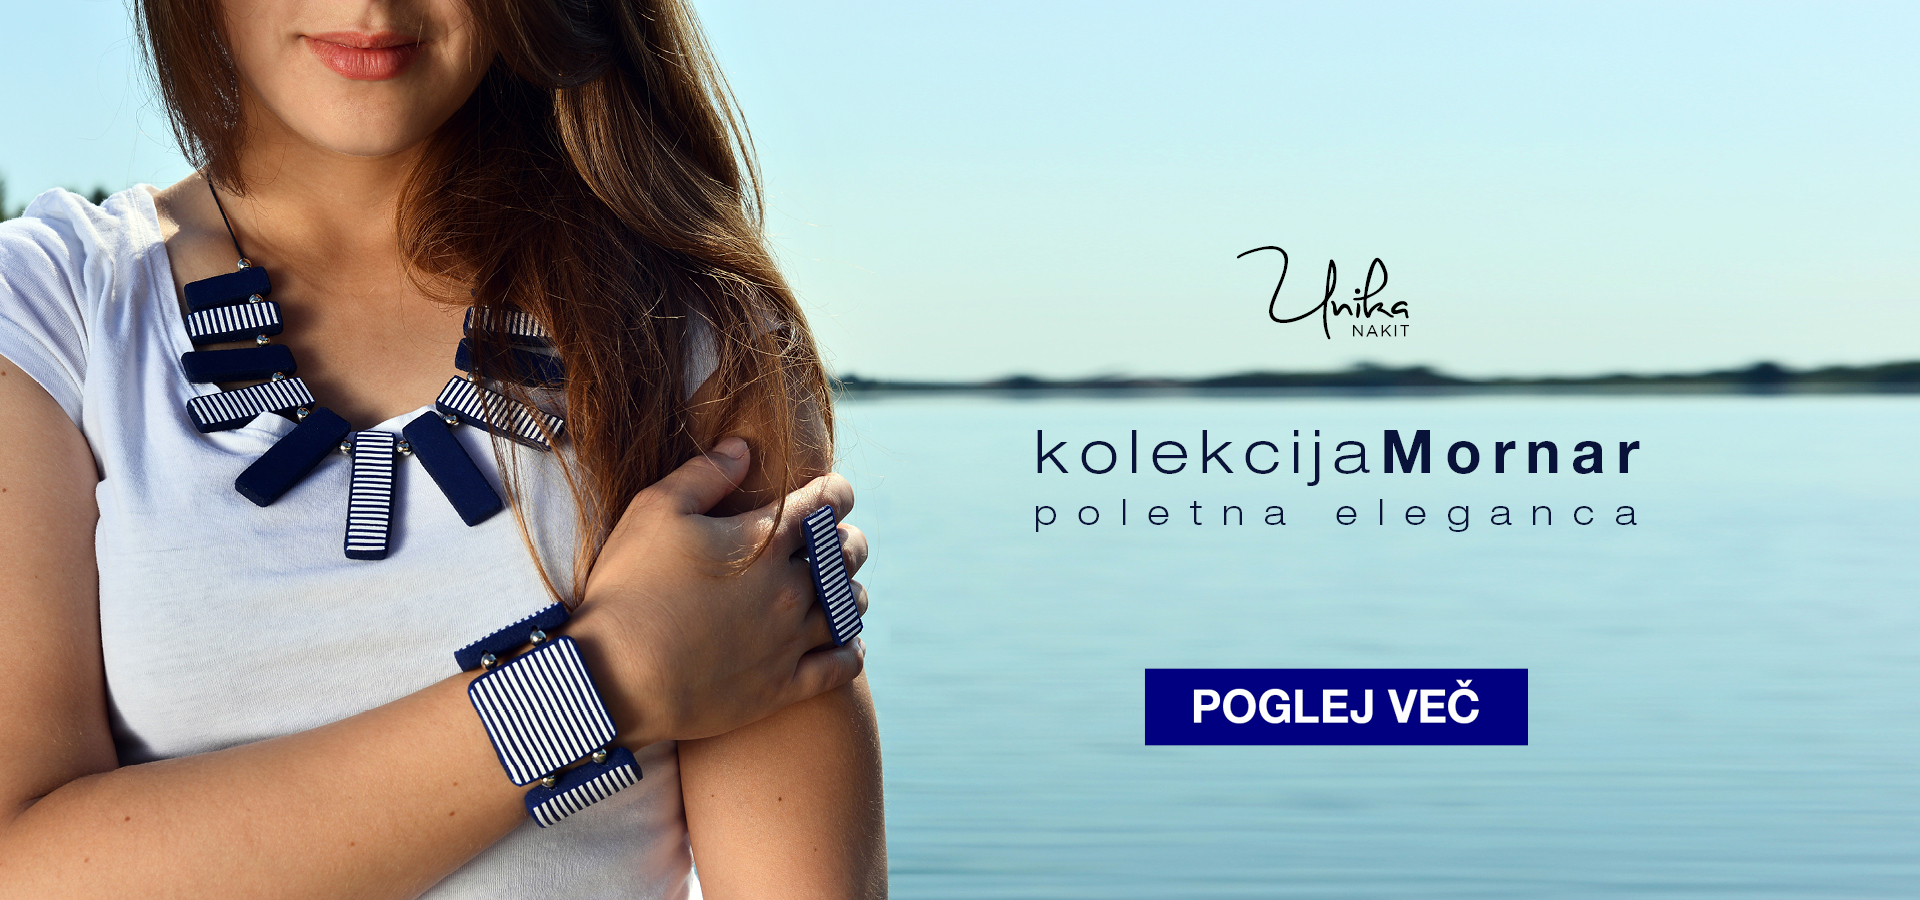 unikatni-modni-nakit-kolekcija-mornar-banner-prva-unikanakit.si